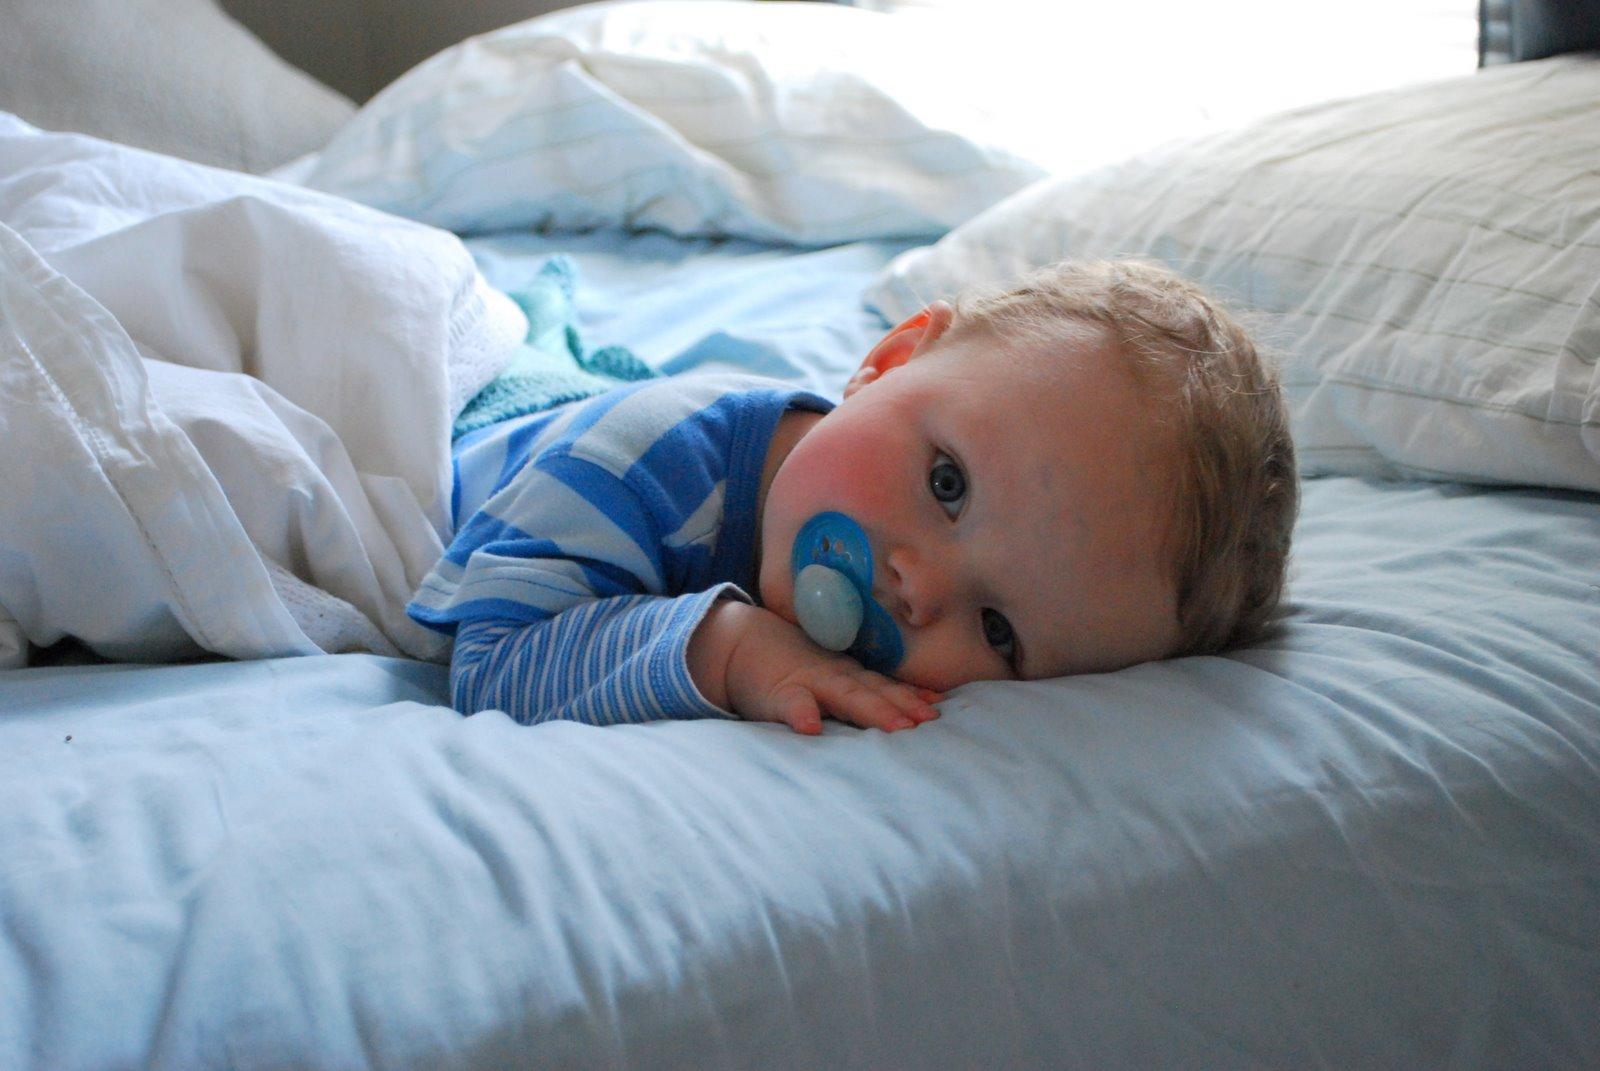 Το μωρό μου δεν κοιμάται όλη νύχτα. Να ανησυχήσω;